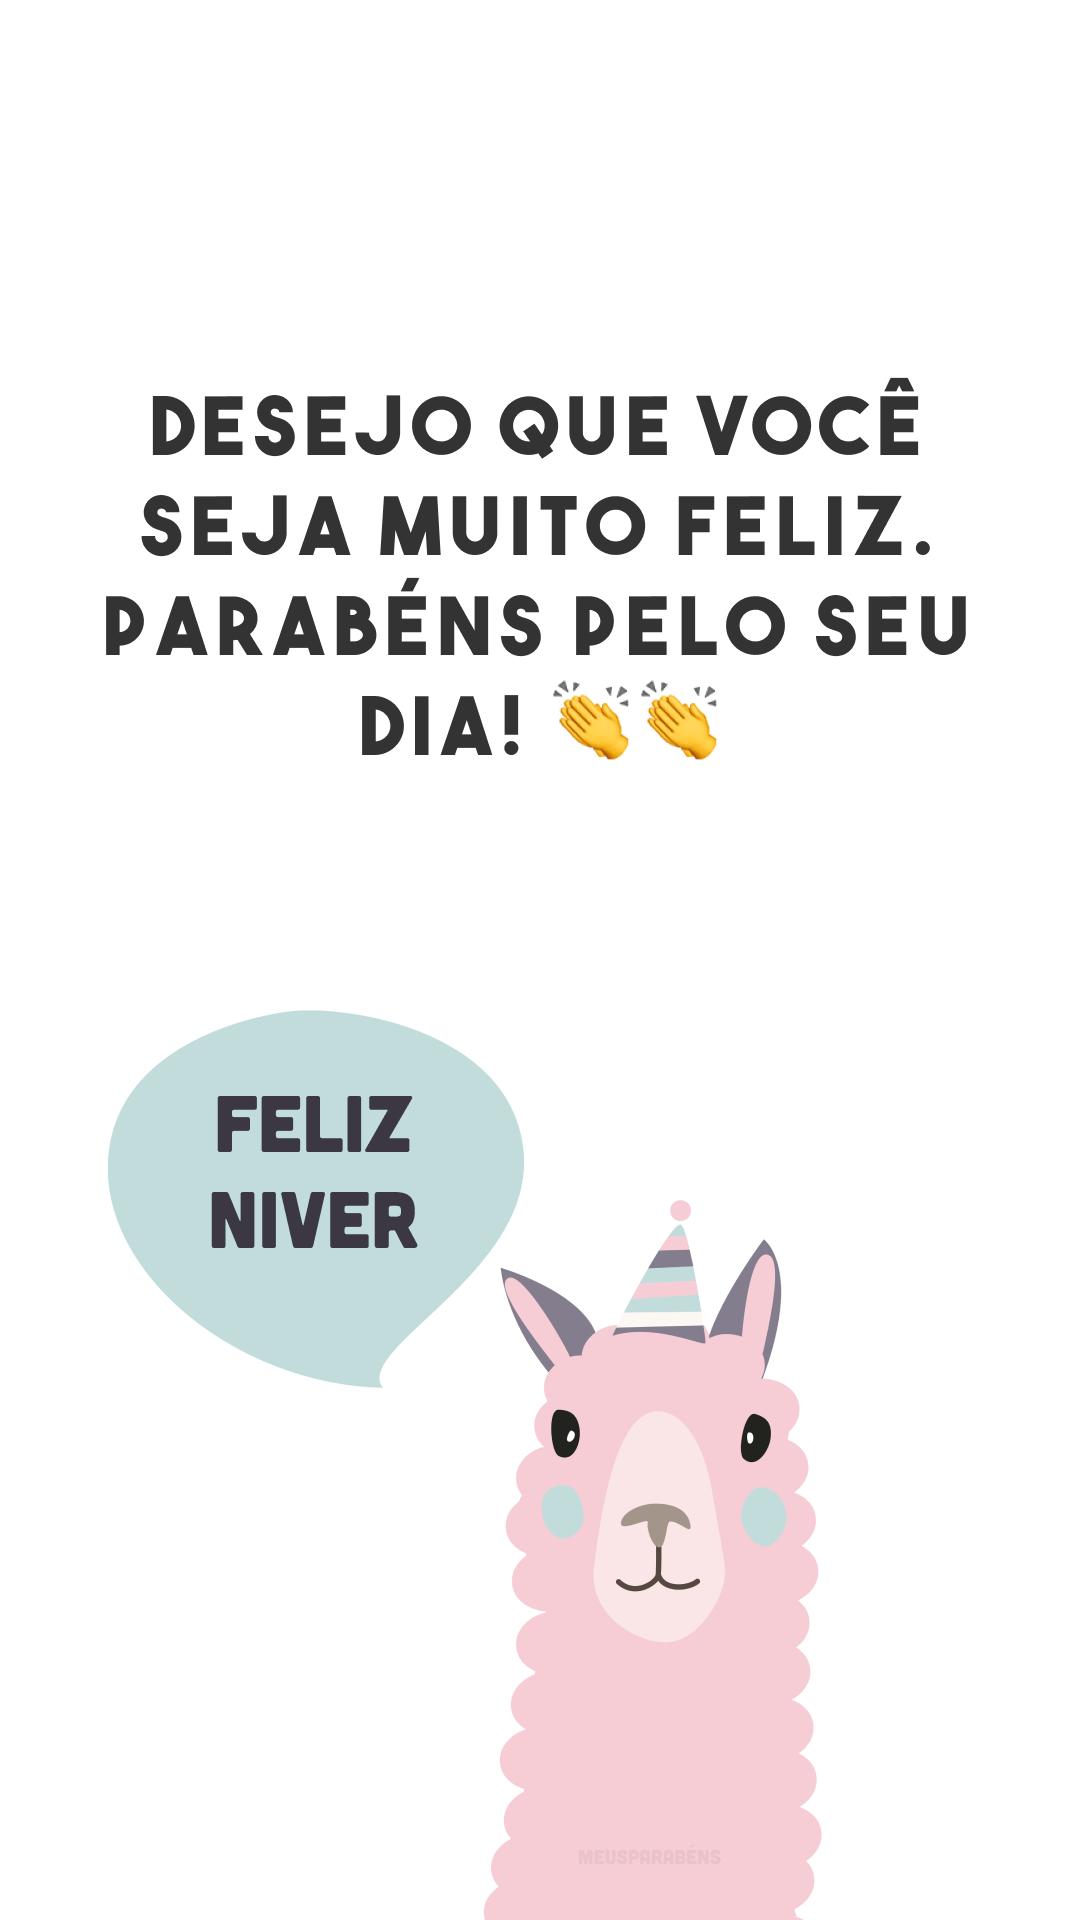 Desejo que você seja muito feliz. Parabéns pelo seu dia! 👏👏<br />